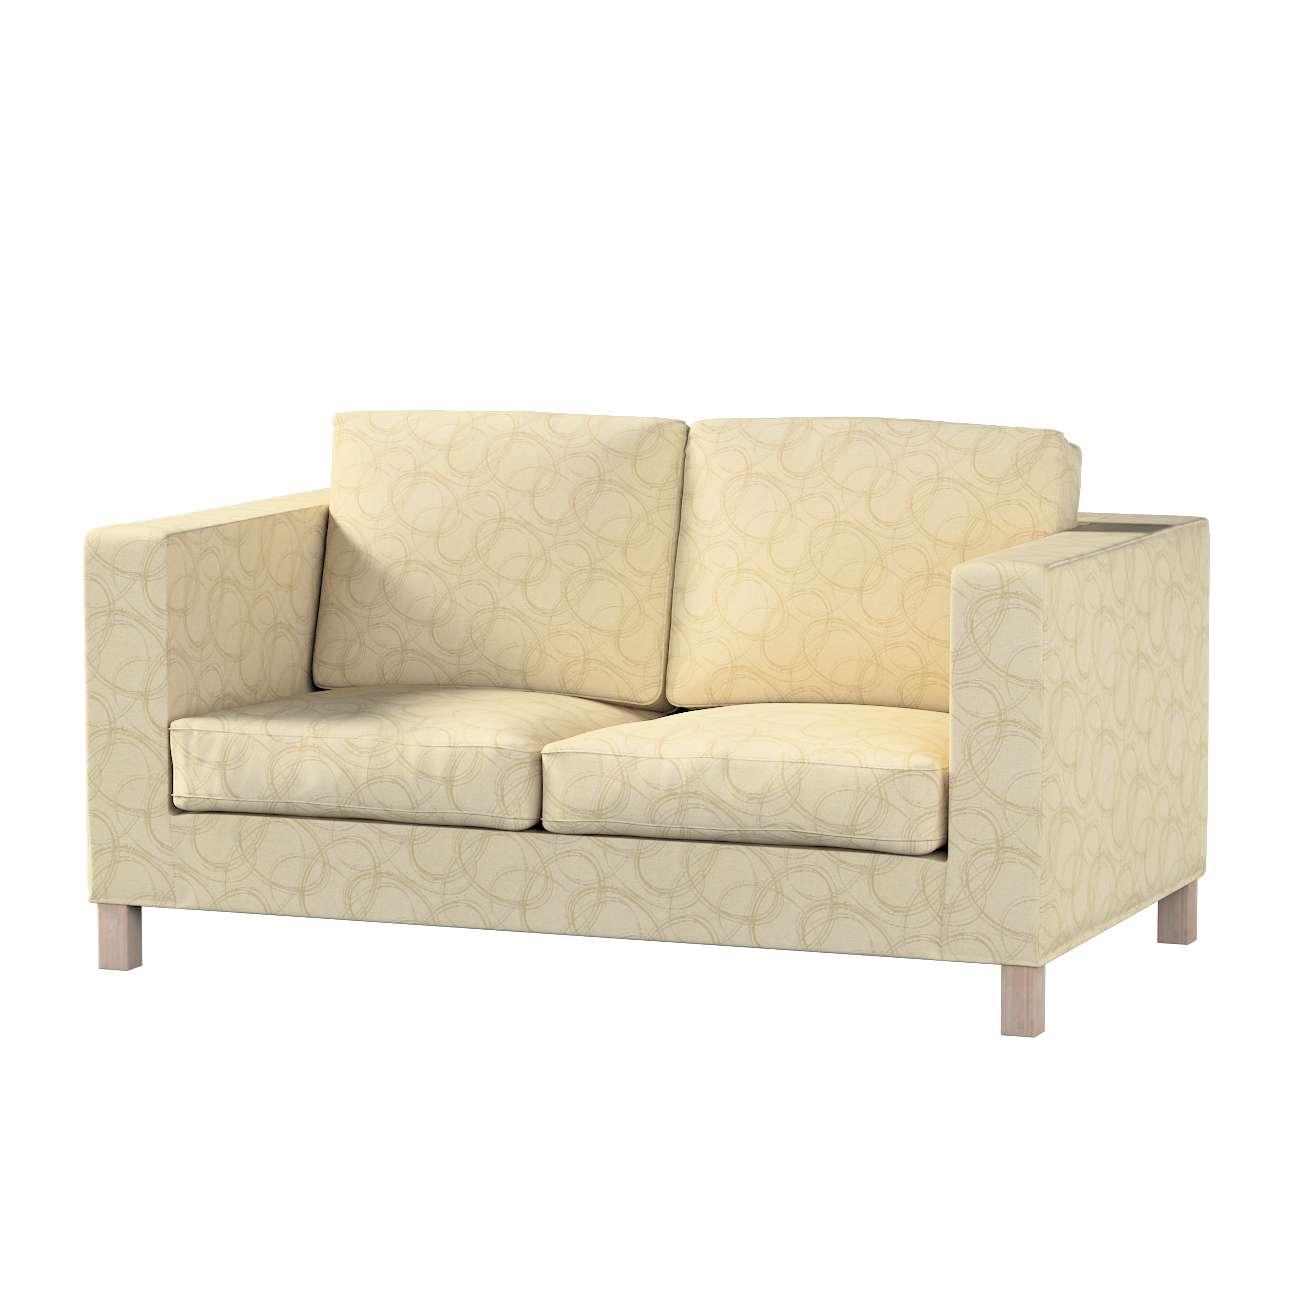 Bezug für Karlanda 2-Sitzer Sofa nicht ausklappbar, kurz von der Kollektion Living, Stoff: 161-81